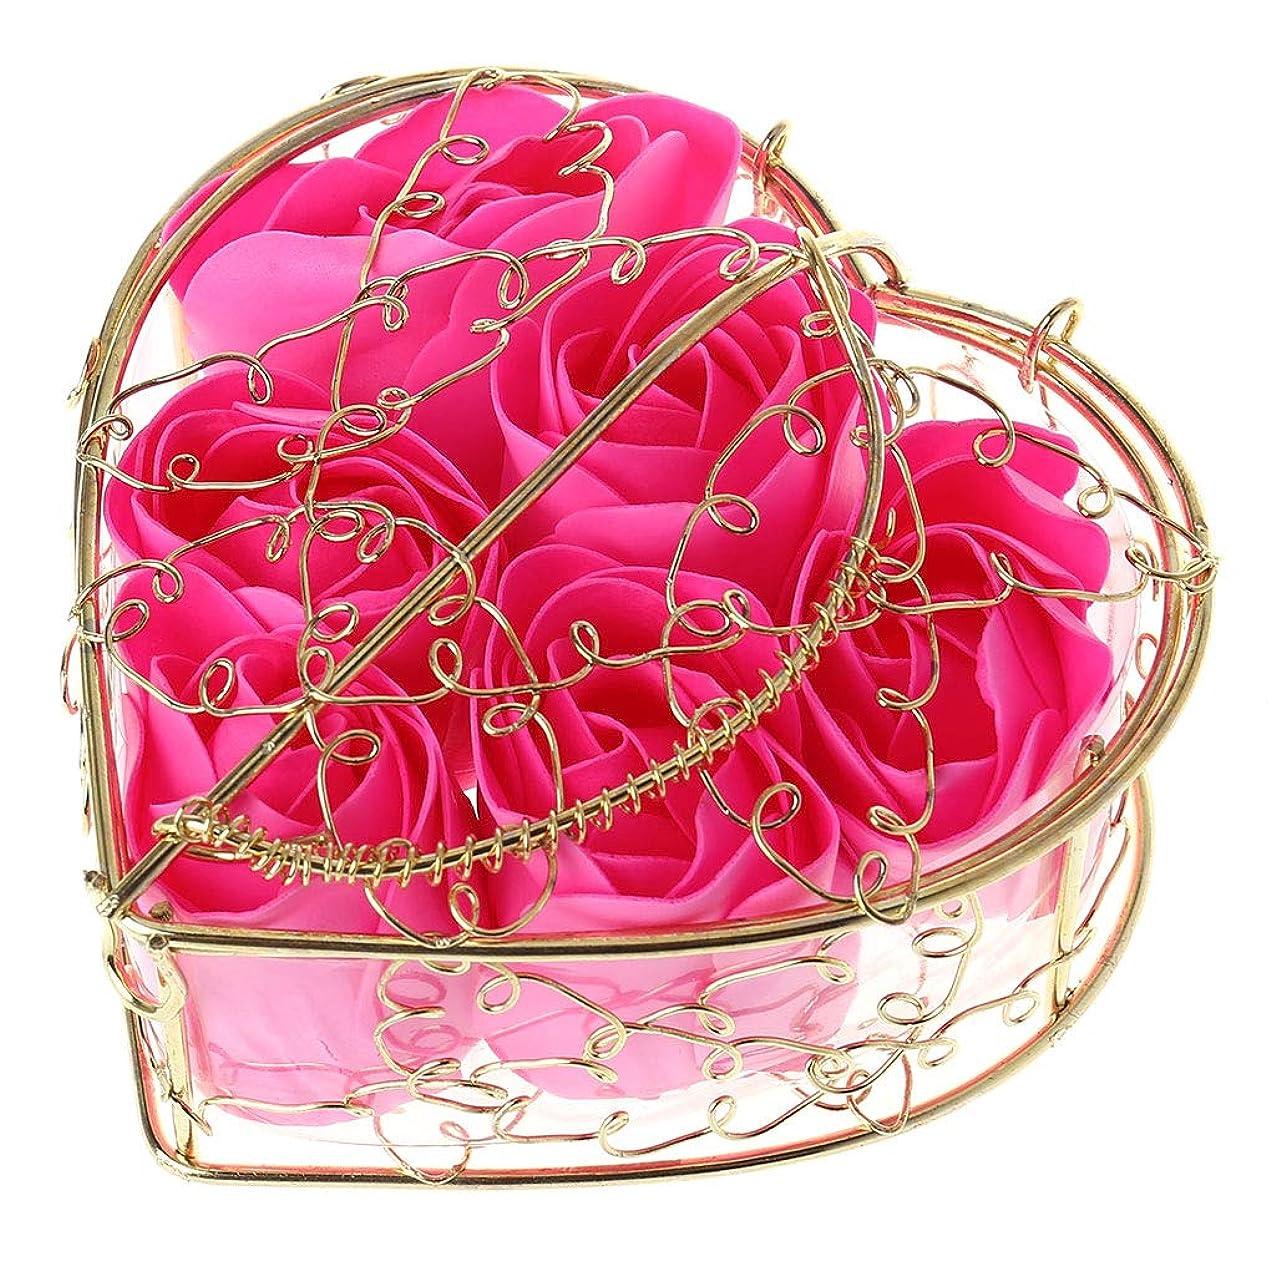 灌漑シャーグリースKaman-co 6本の香りのバラの花びら、入浴ボディーソープ、ウェディングパーティーの装飾ギフト、バレンタインデーの贈り物 (HP)